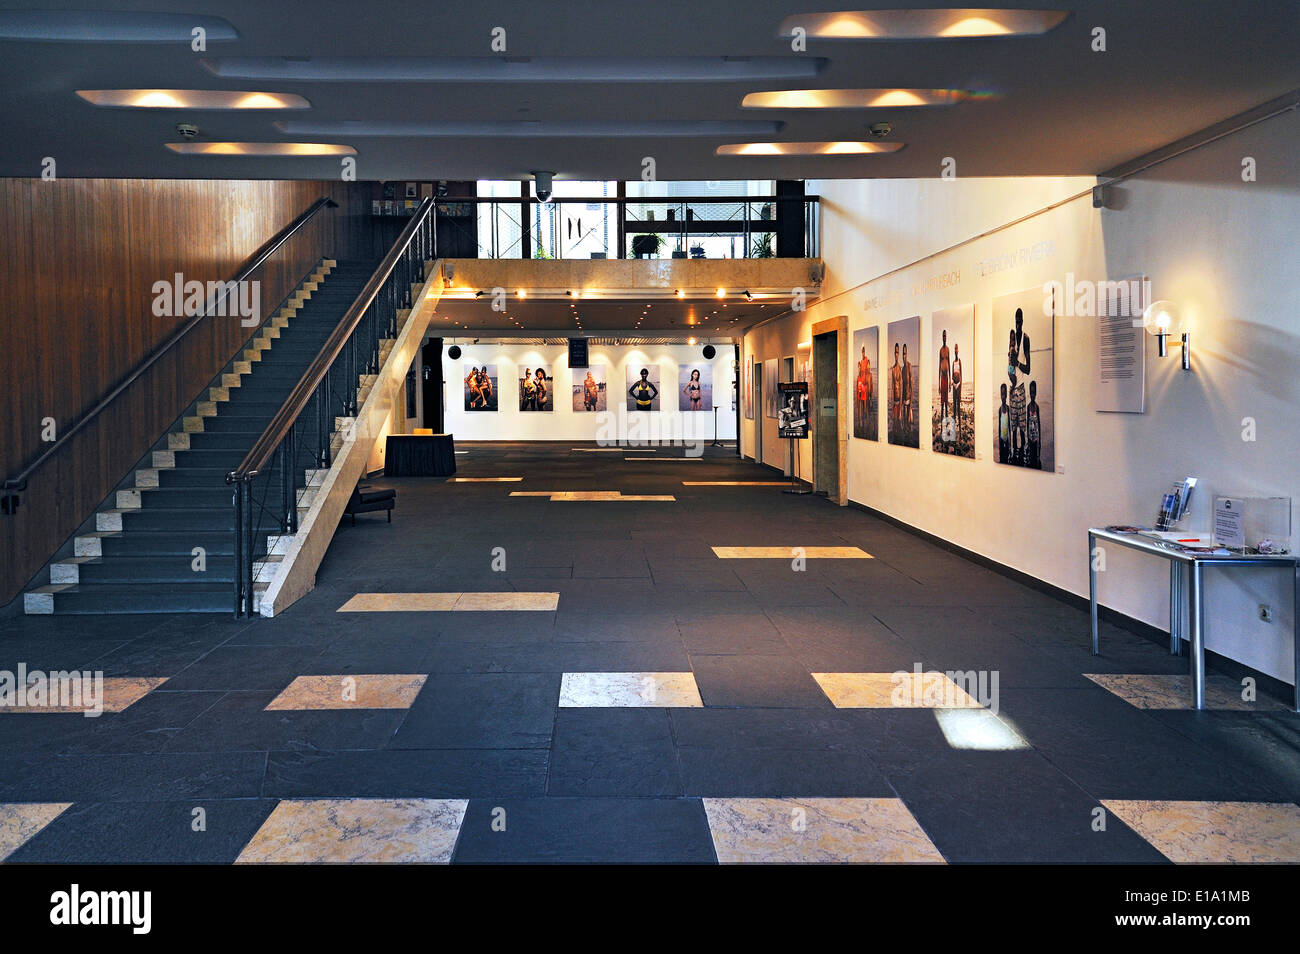 Exposition de photographies de Wayne Lawrence, foyer de la maison de l'Amérique à Munich, Bavière, Allemagne Photo Stock